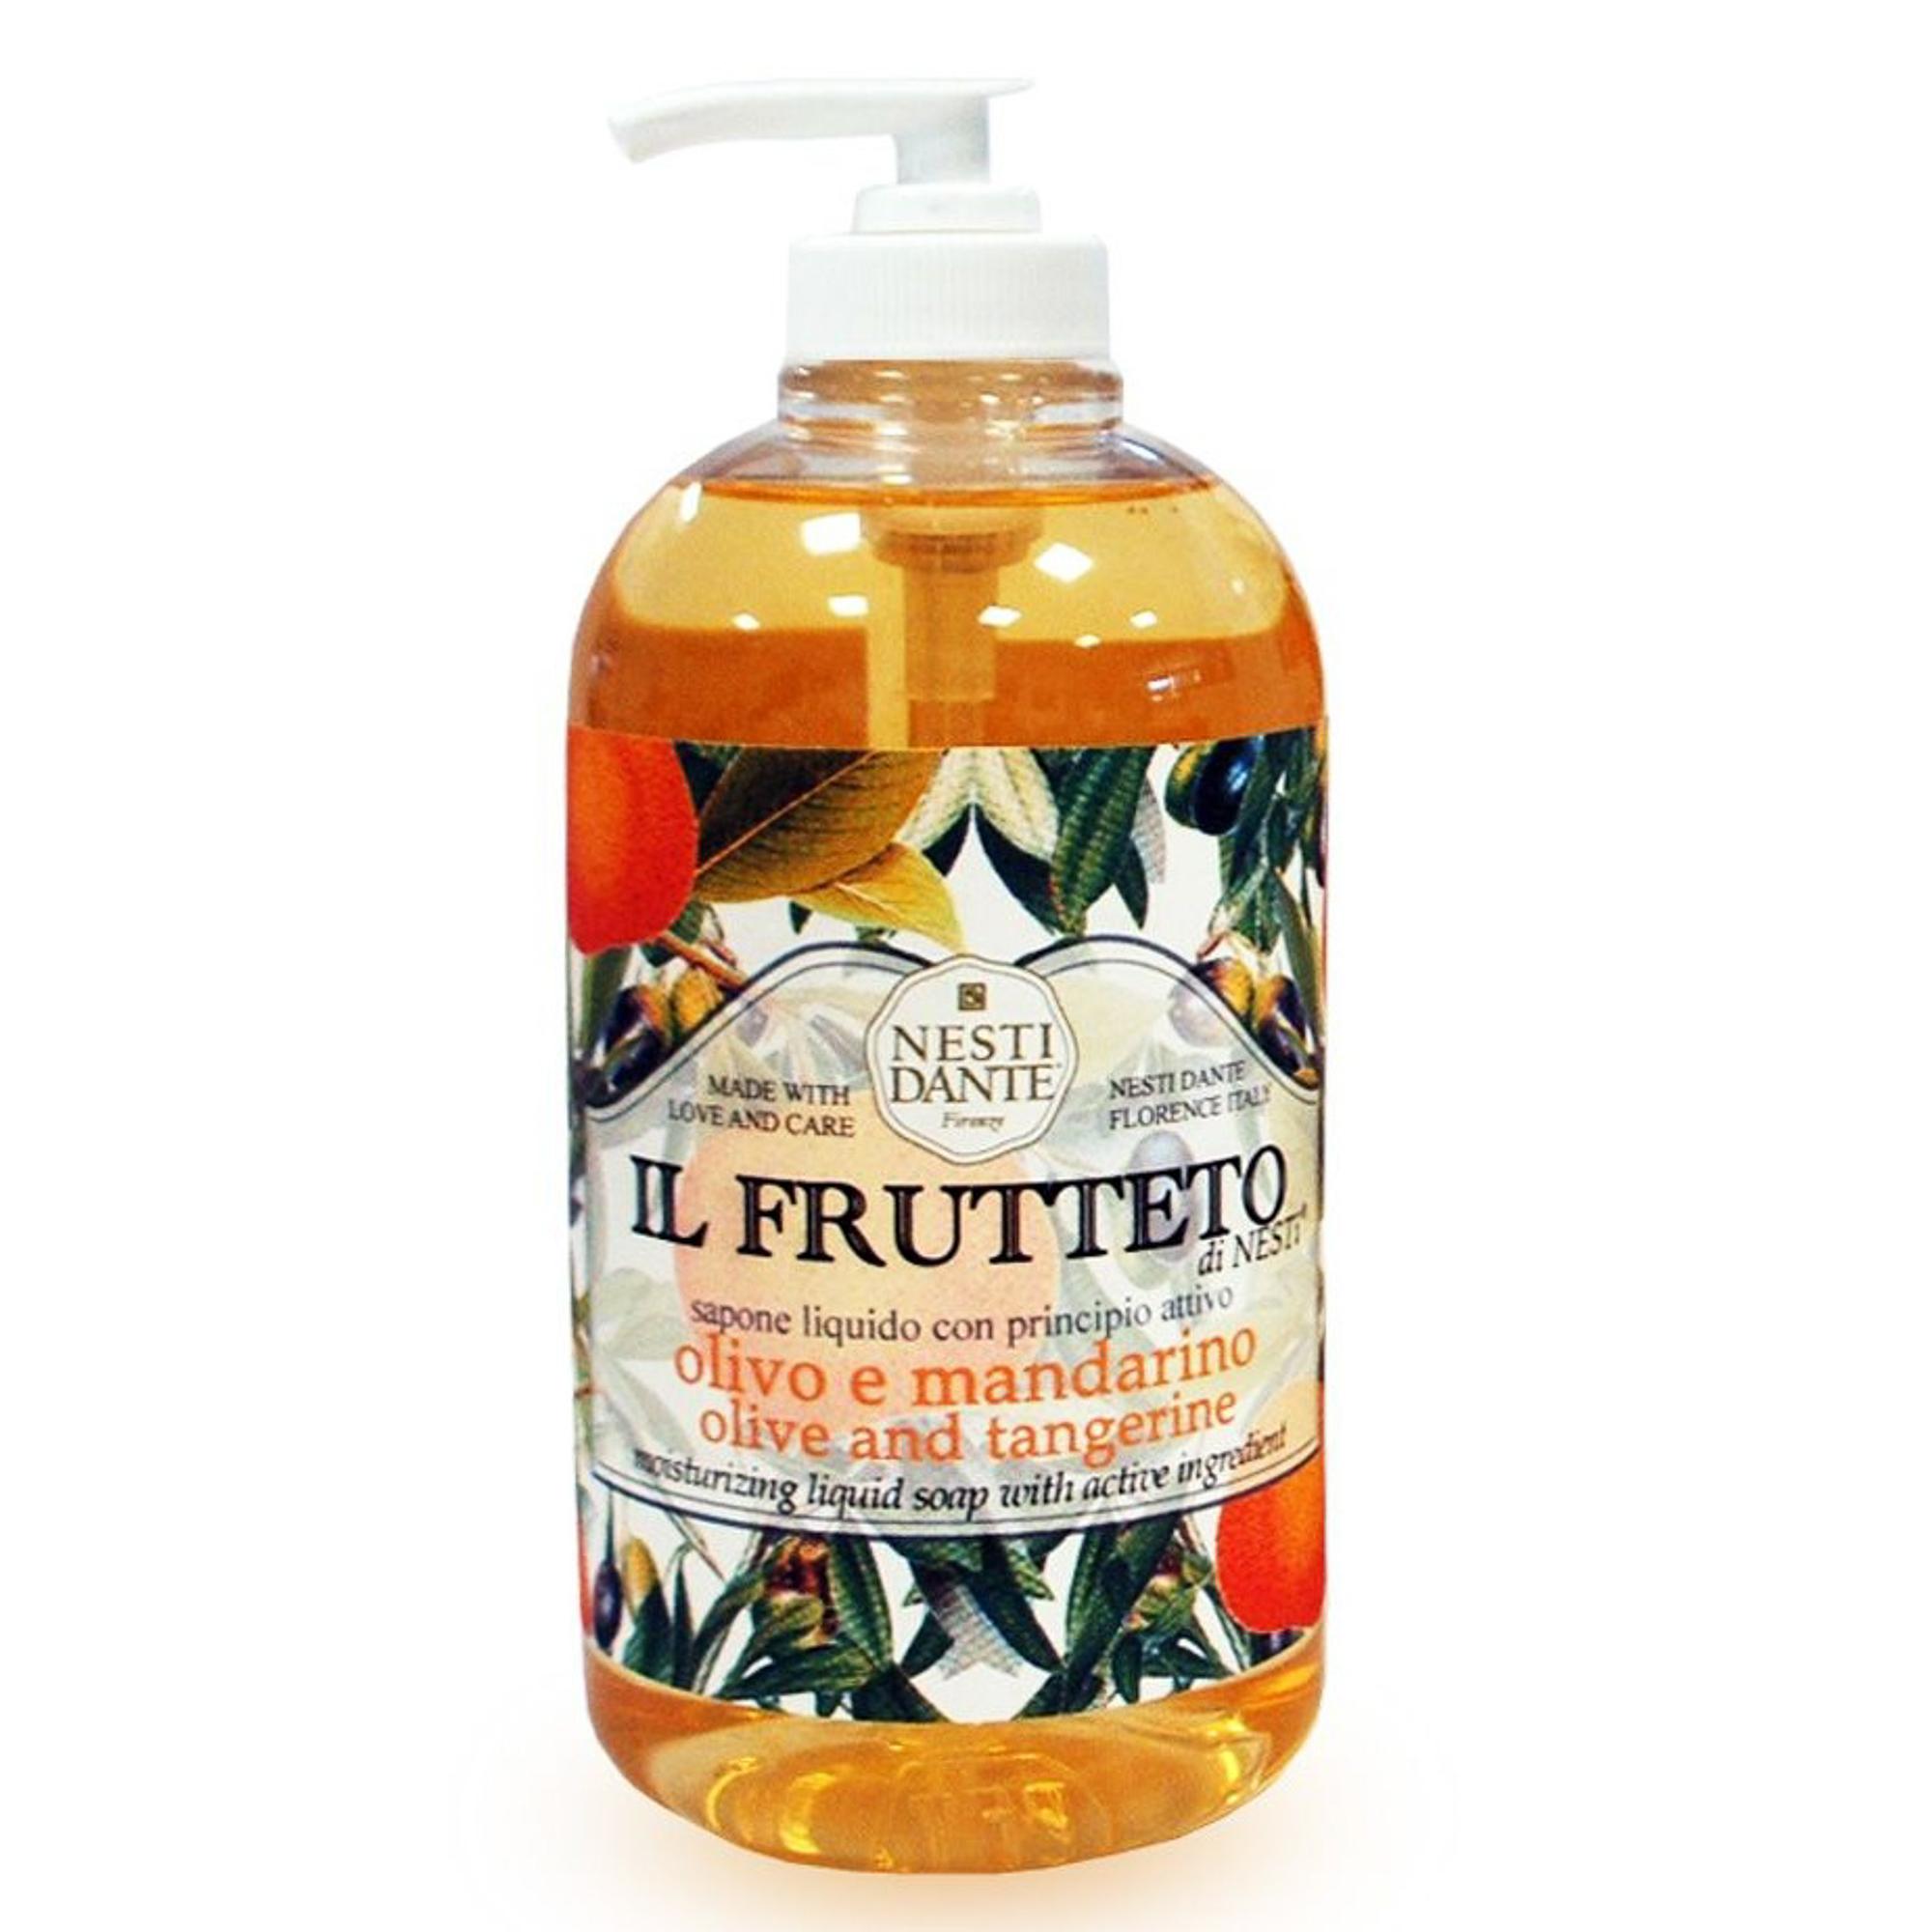 Мыло жидкое оливковое масло/мандарин 500мл Nesti dante жидкое мыло nesti dante философия коллаген 500 мл